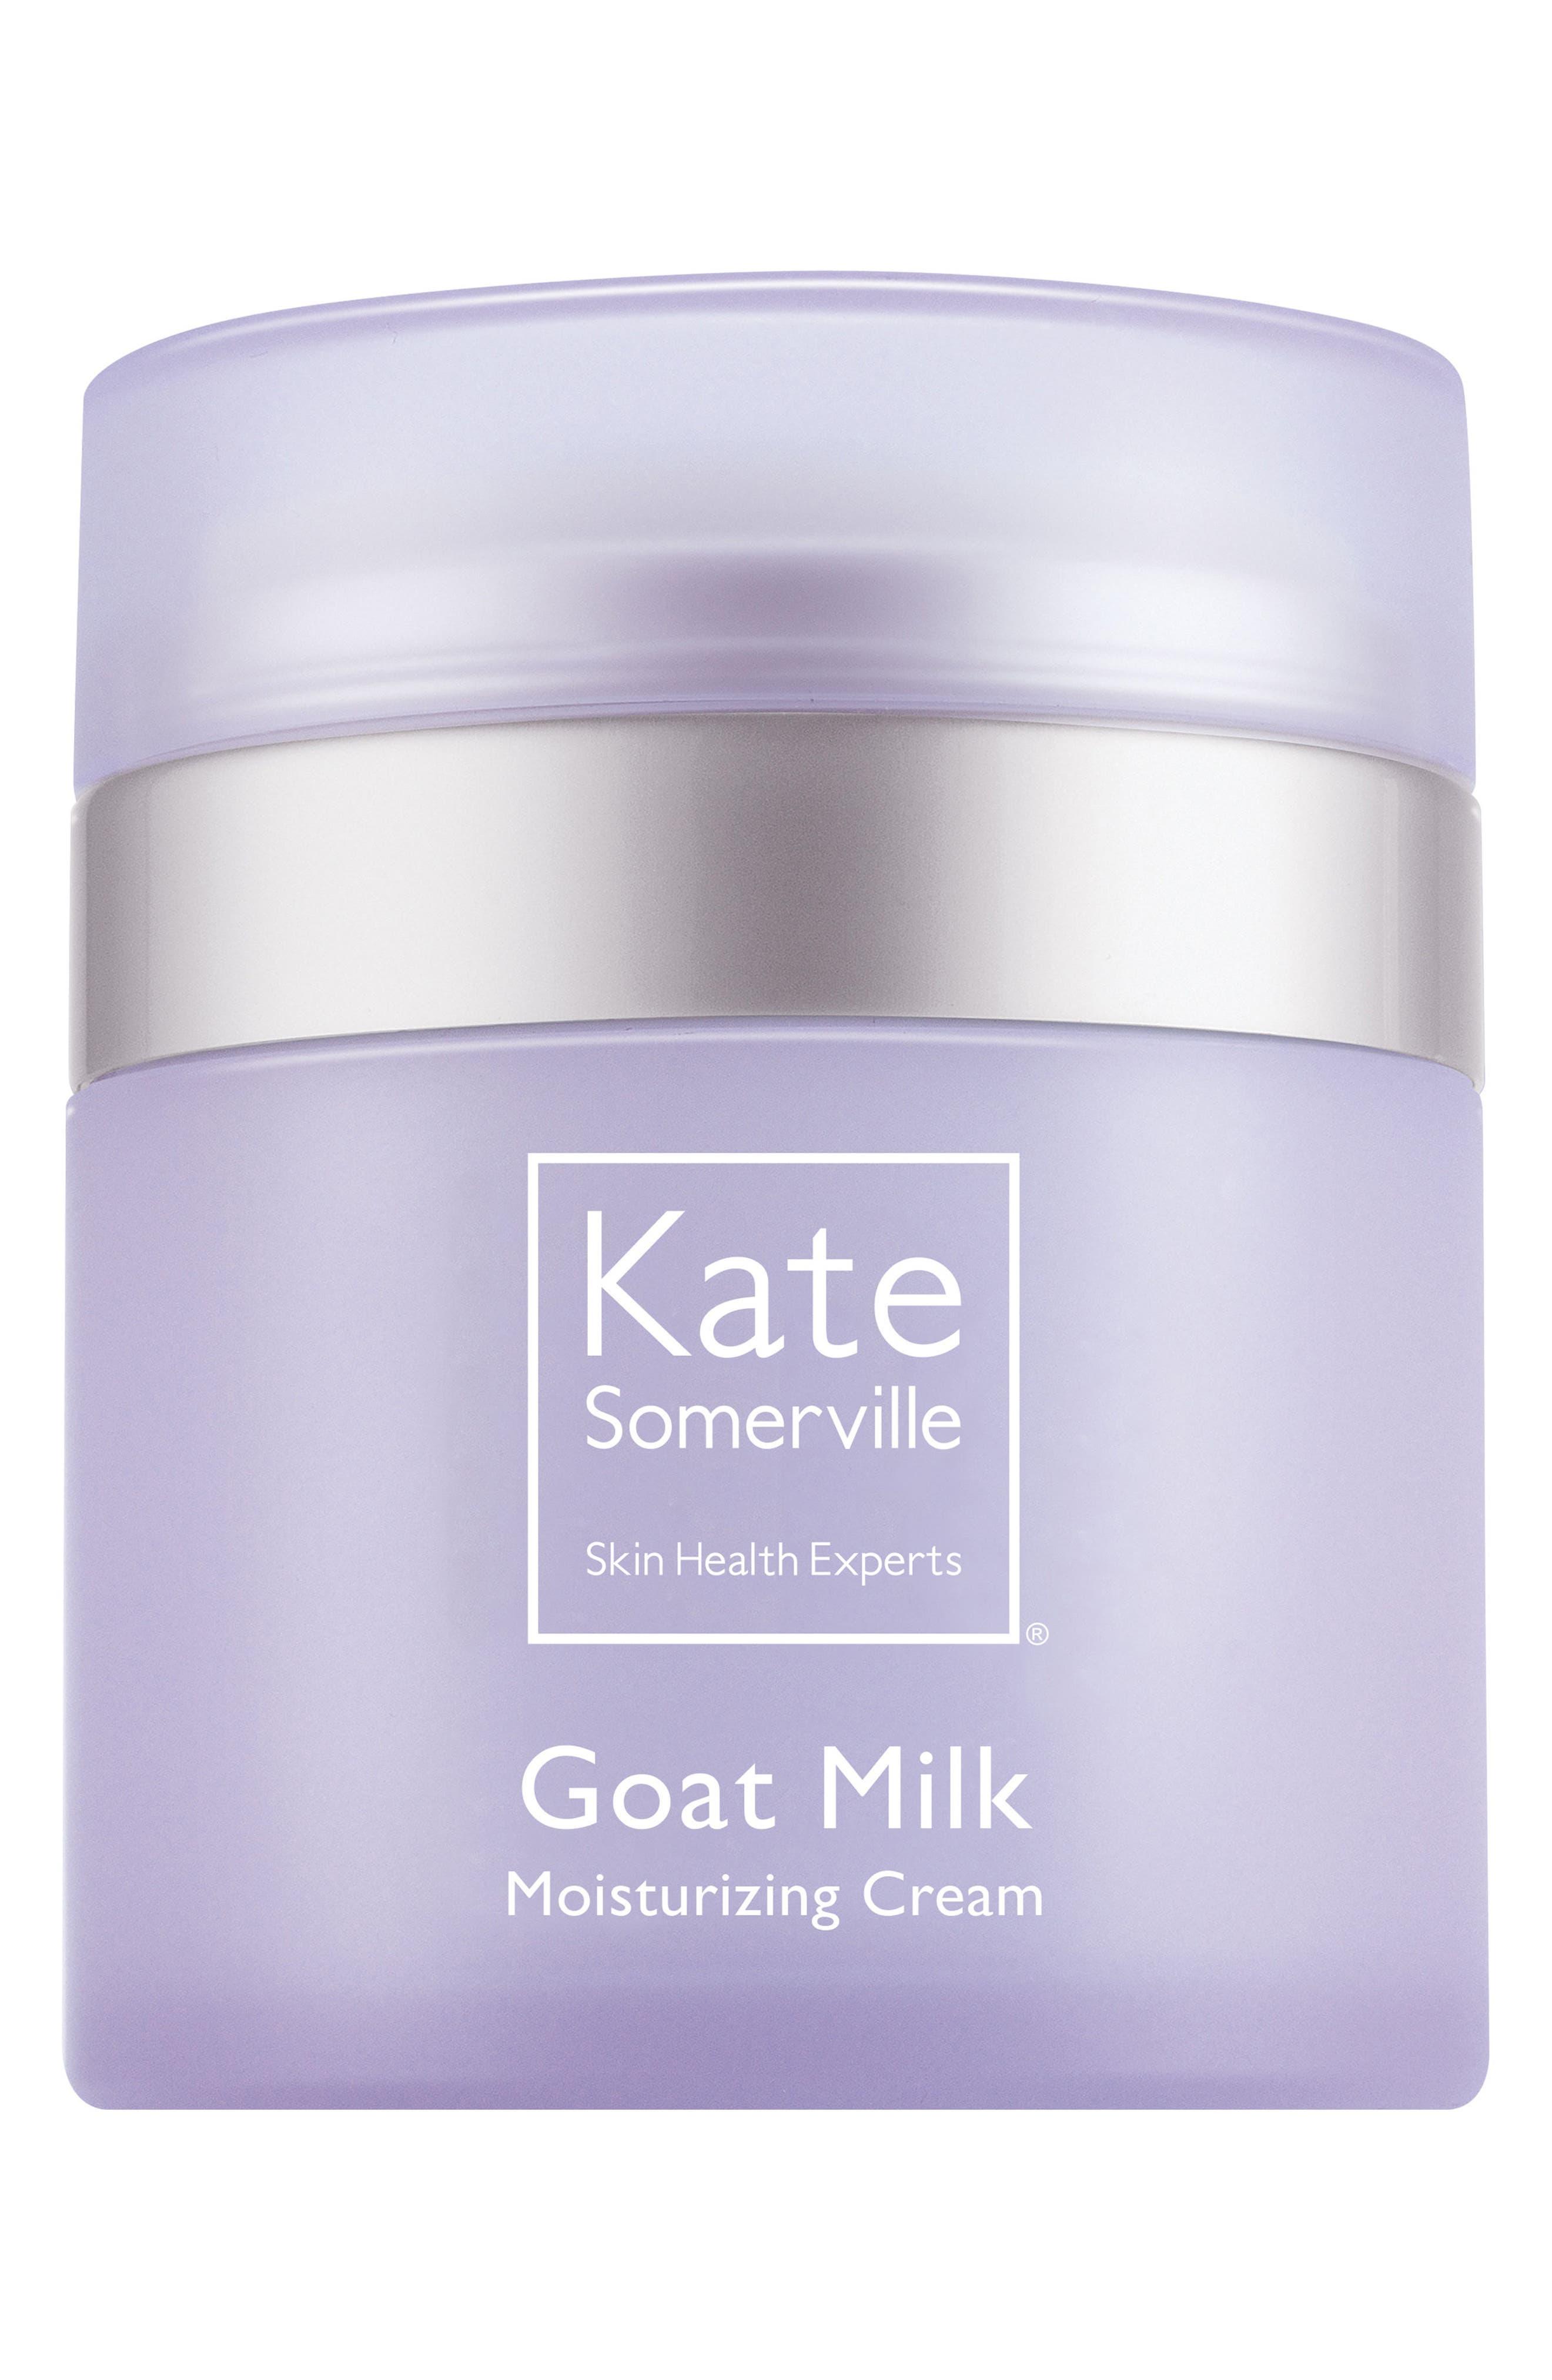 Kate Somerville Goat Milk Moisturizing Cream Nordstrom